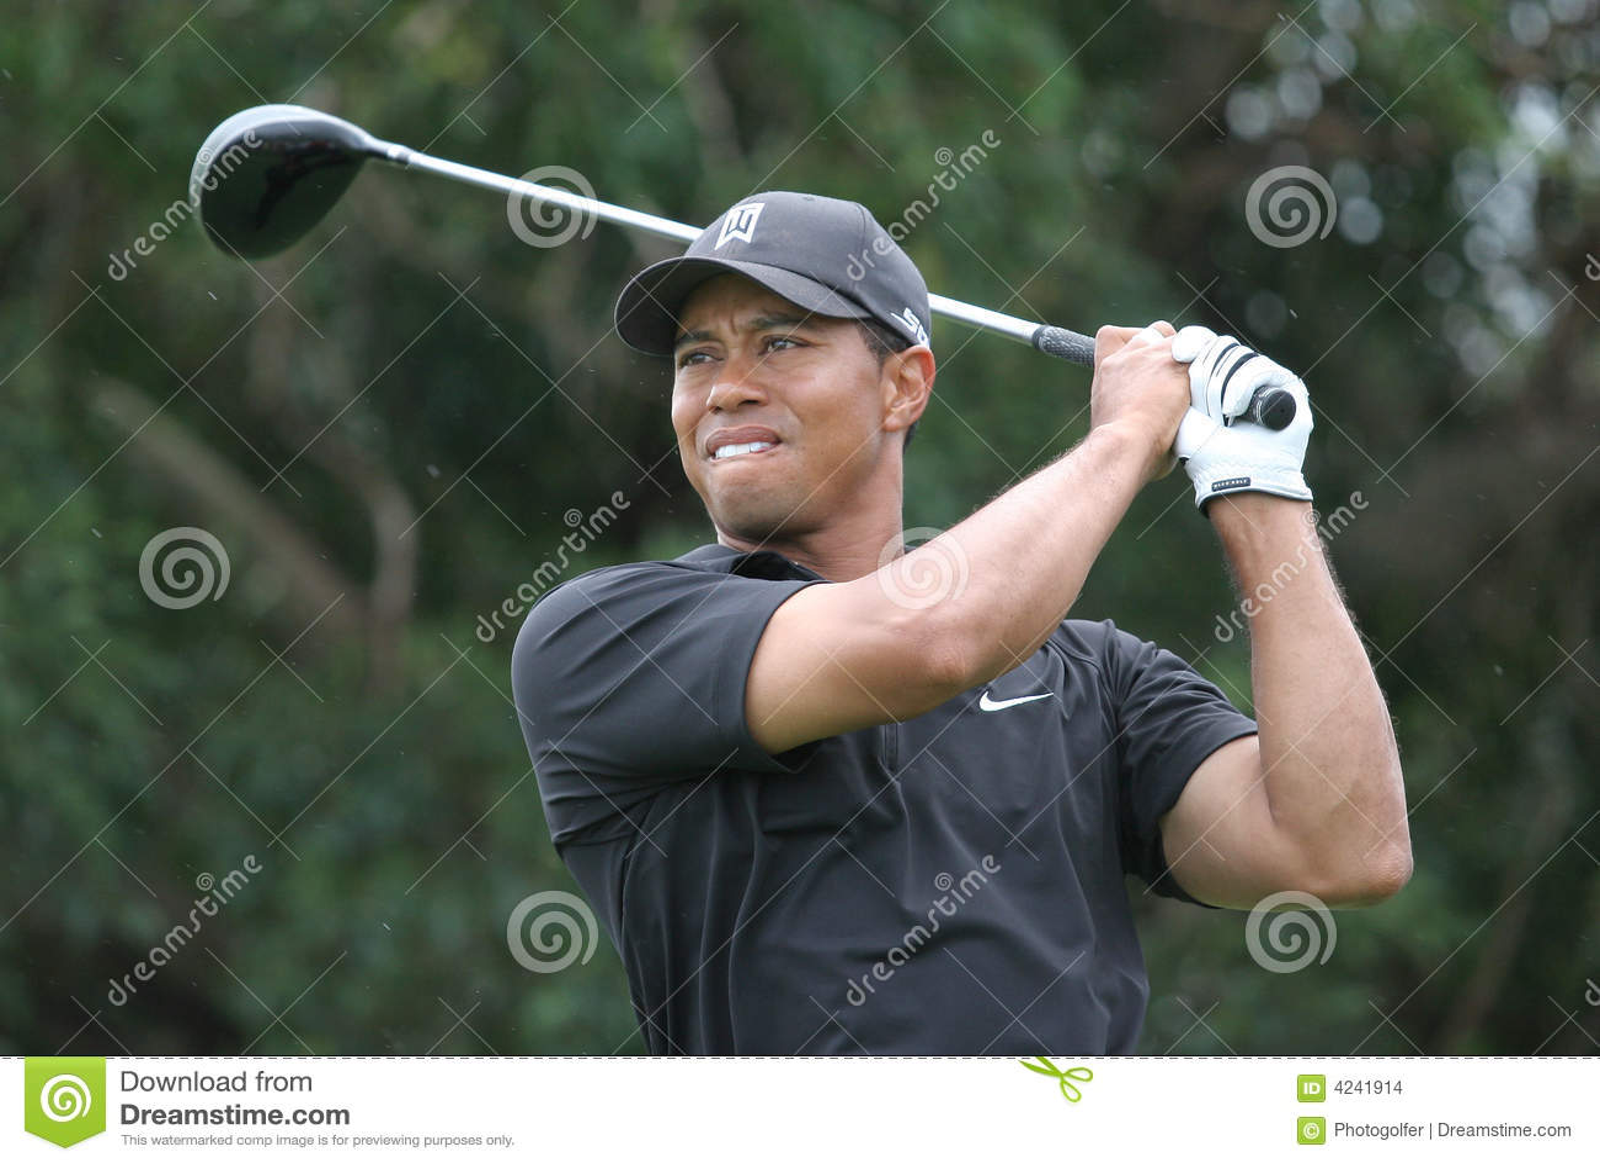 Tiger Woods Doral 2007